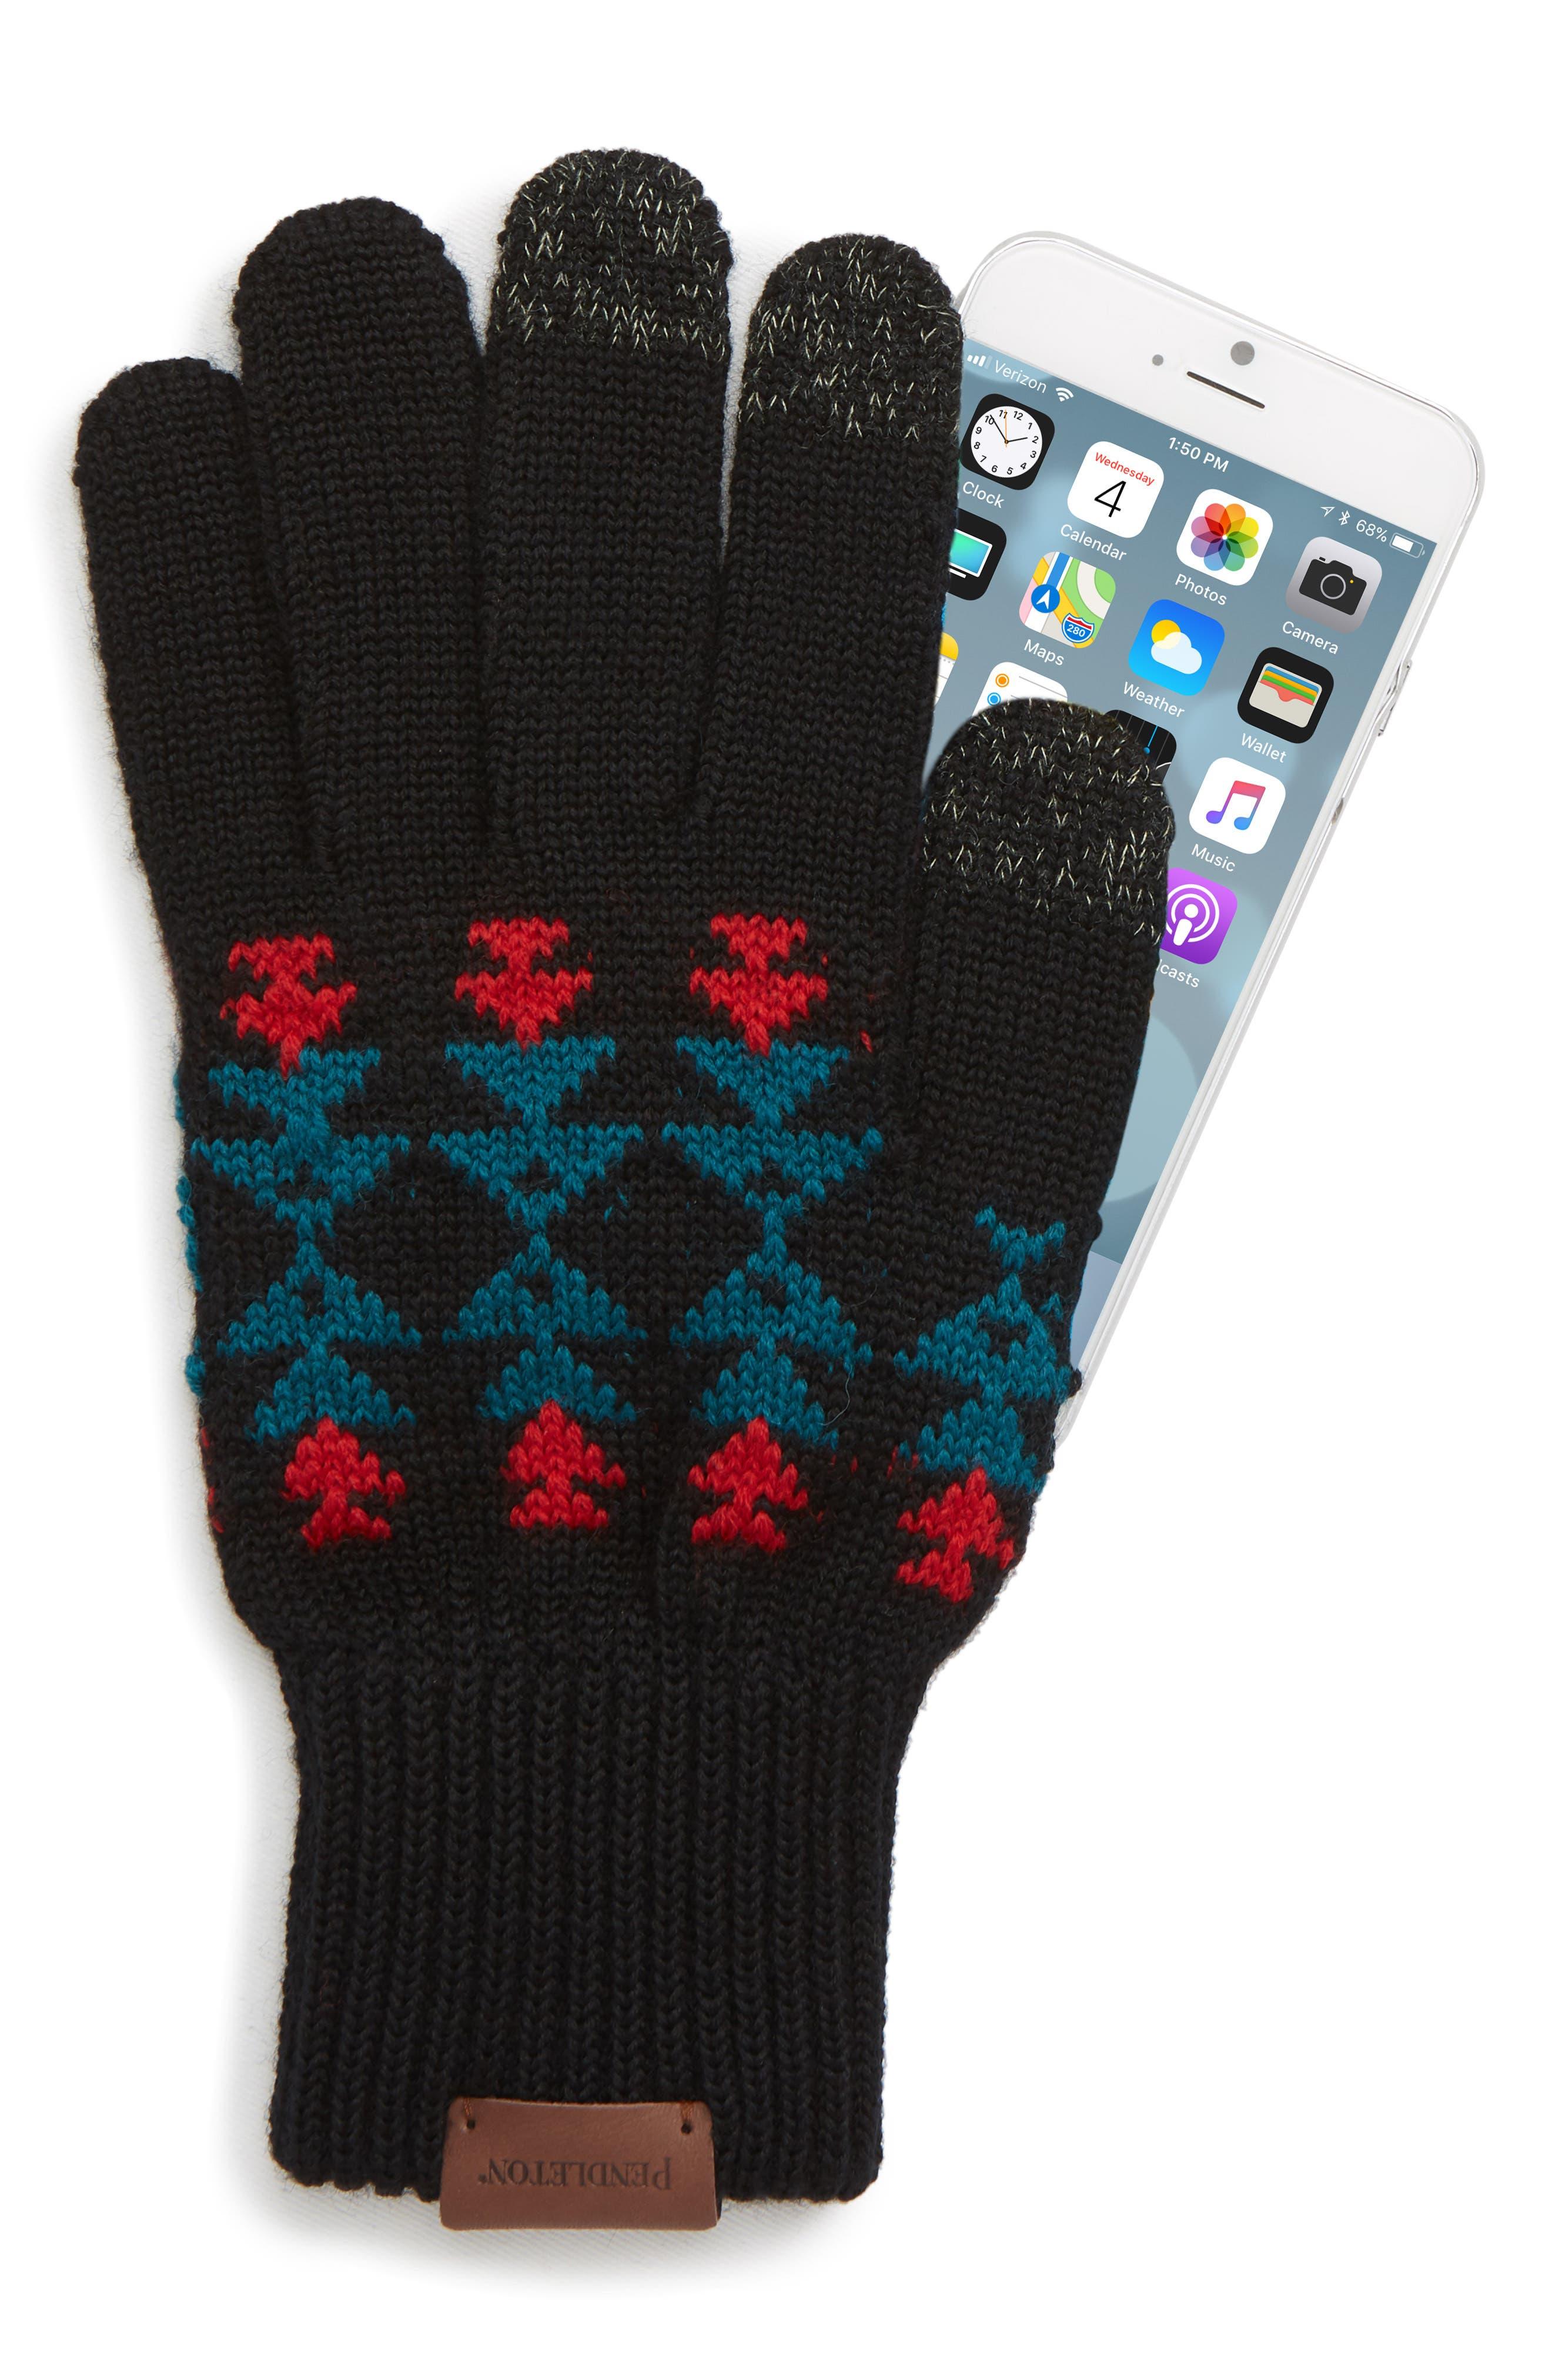 Jacquard Texting Gloves,                             Alternate thumbnail 2, color,                             BLACK